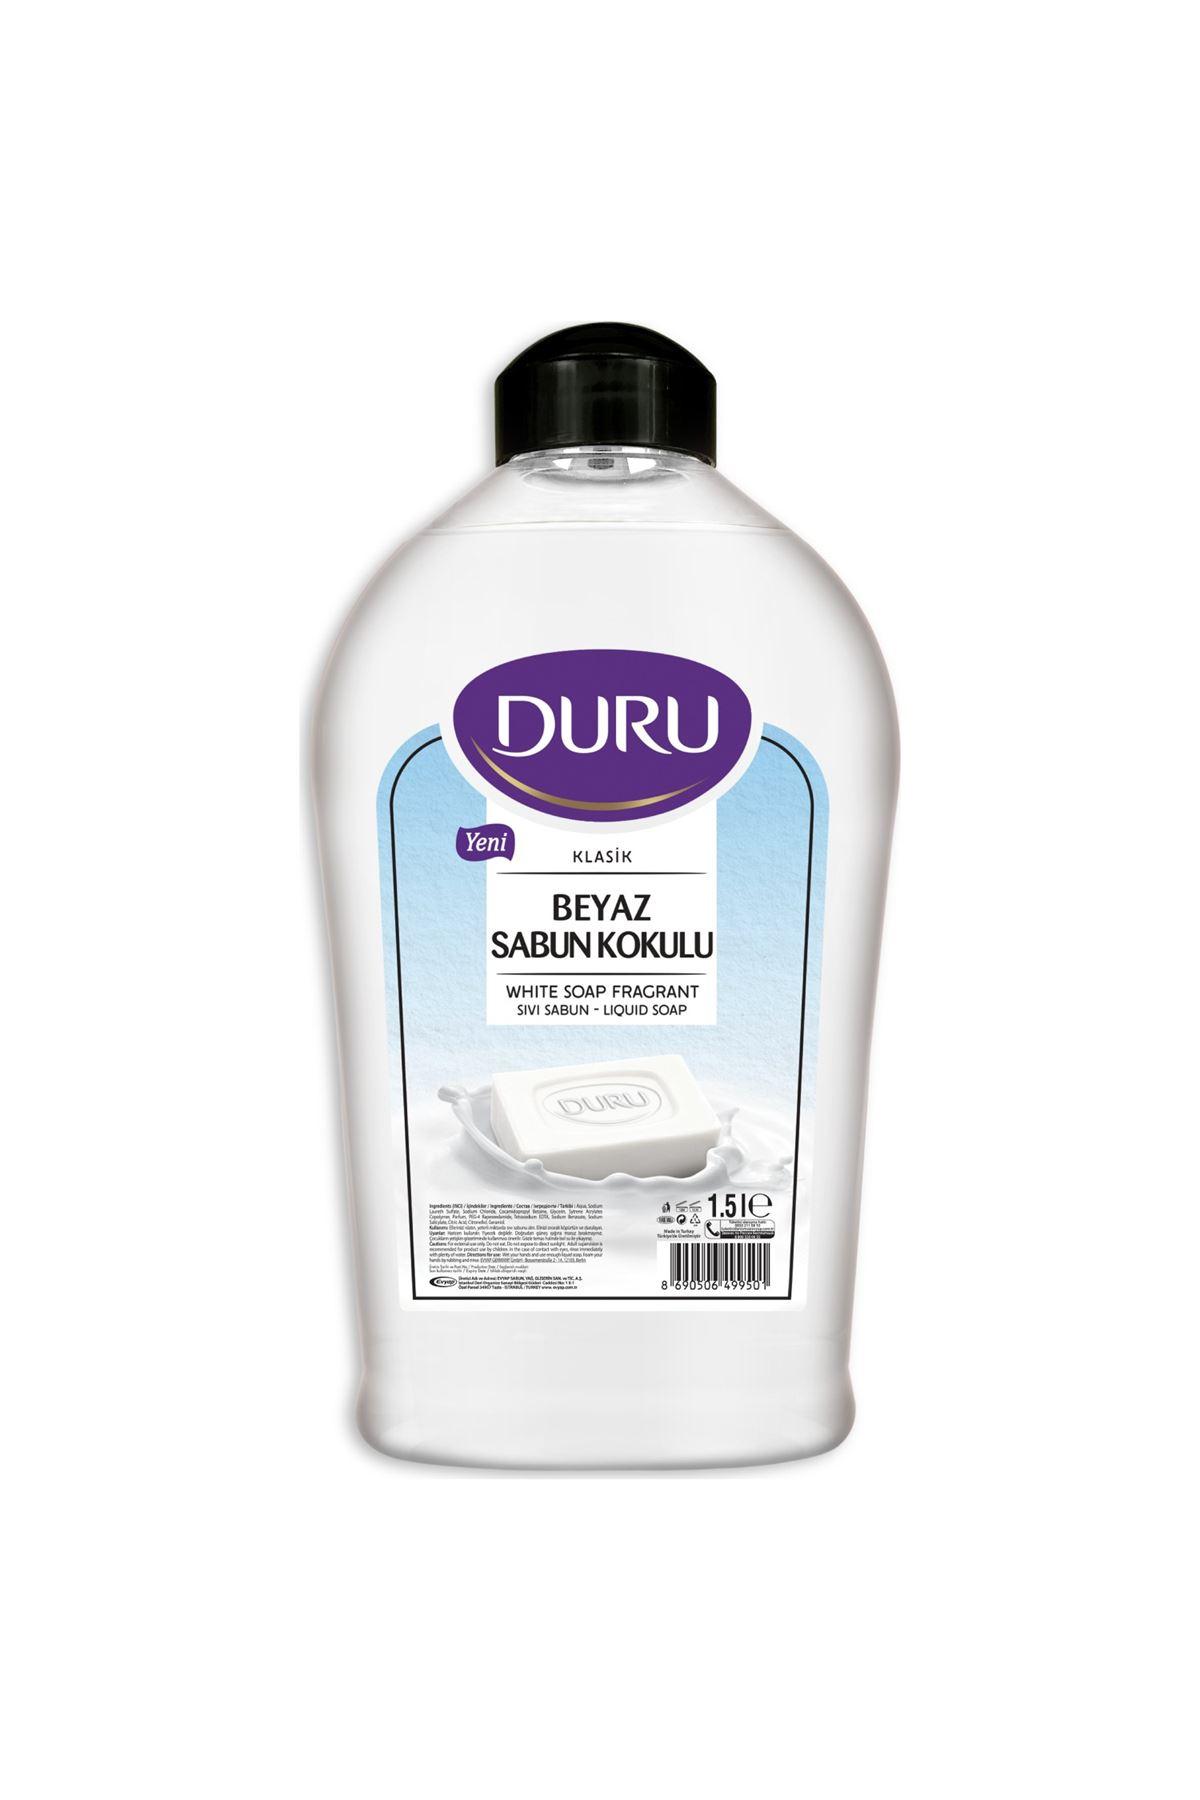 Duru Beyaz Sabun Kokulu Sıvı Sabun  1500 ml